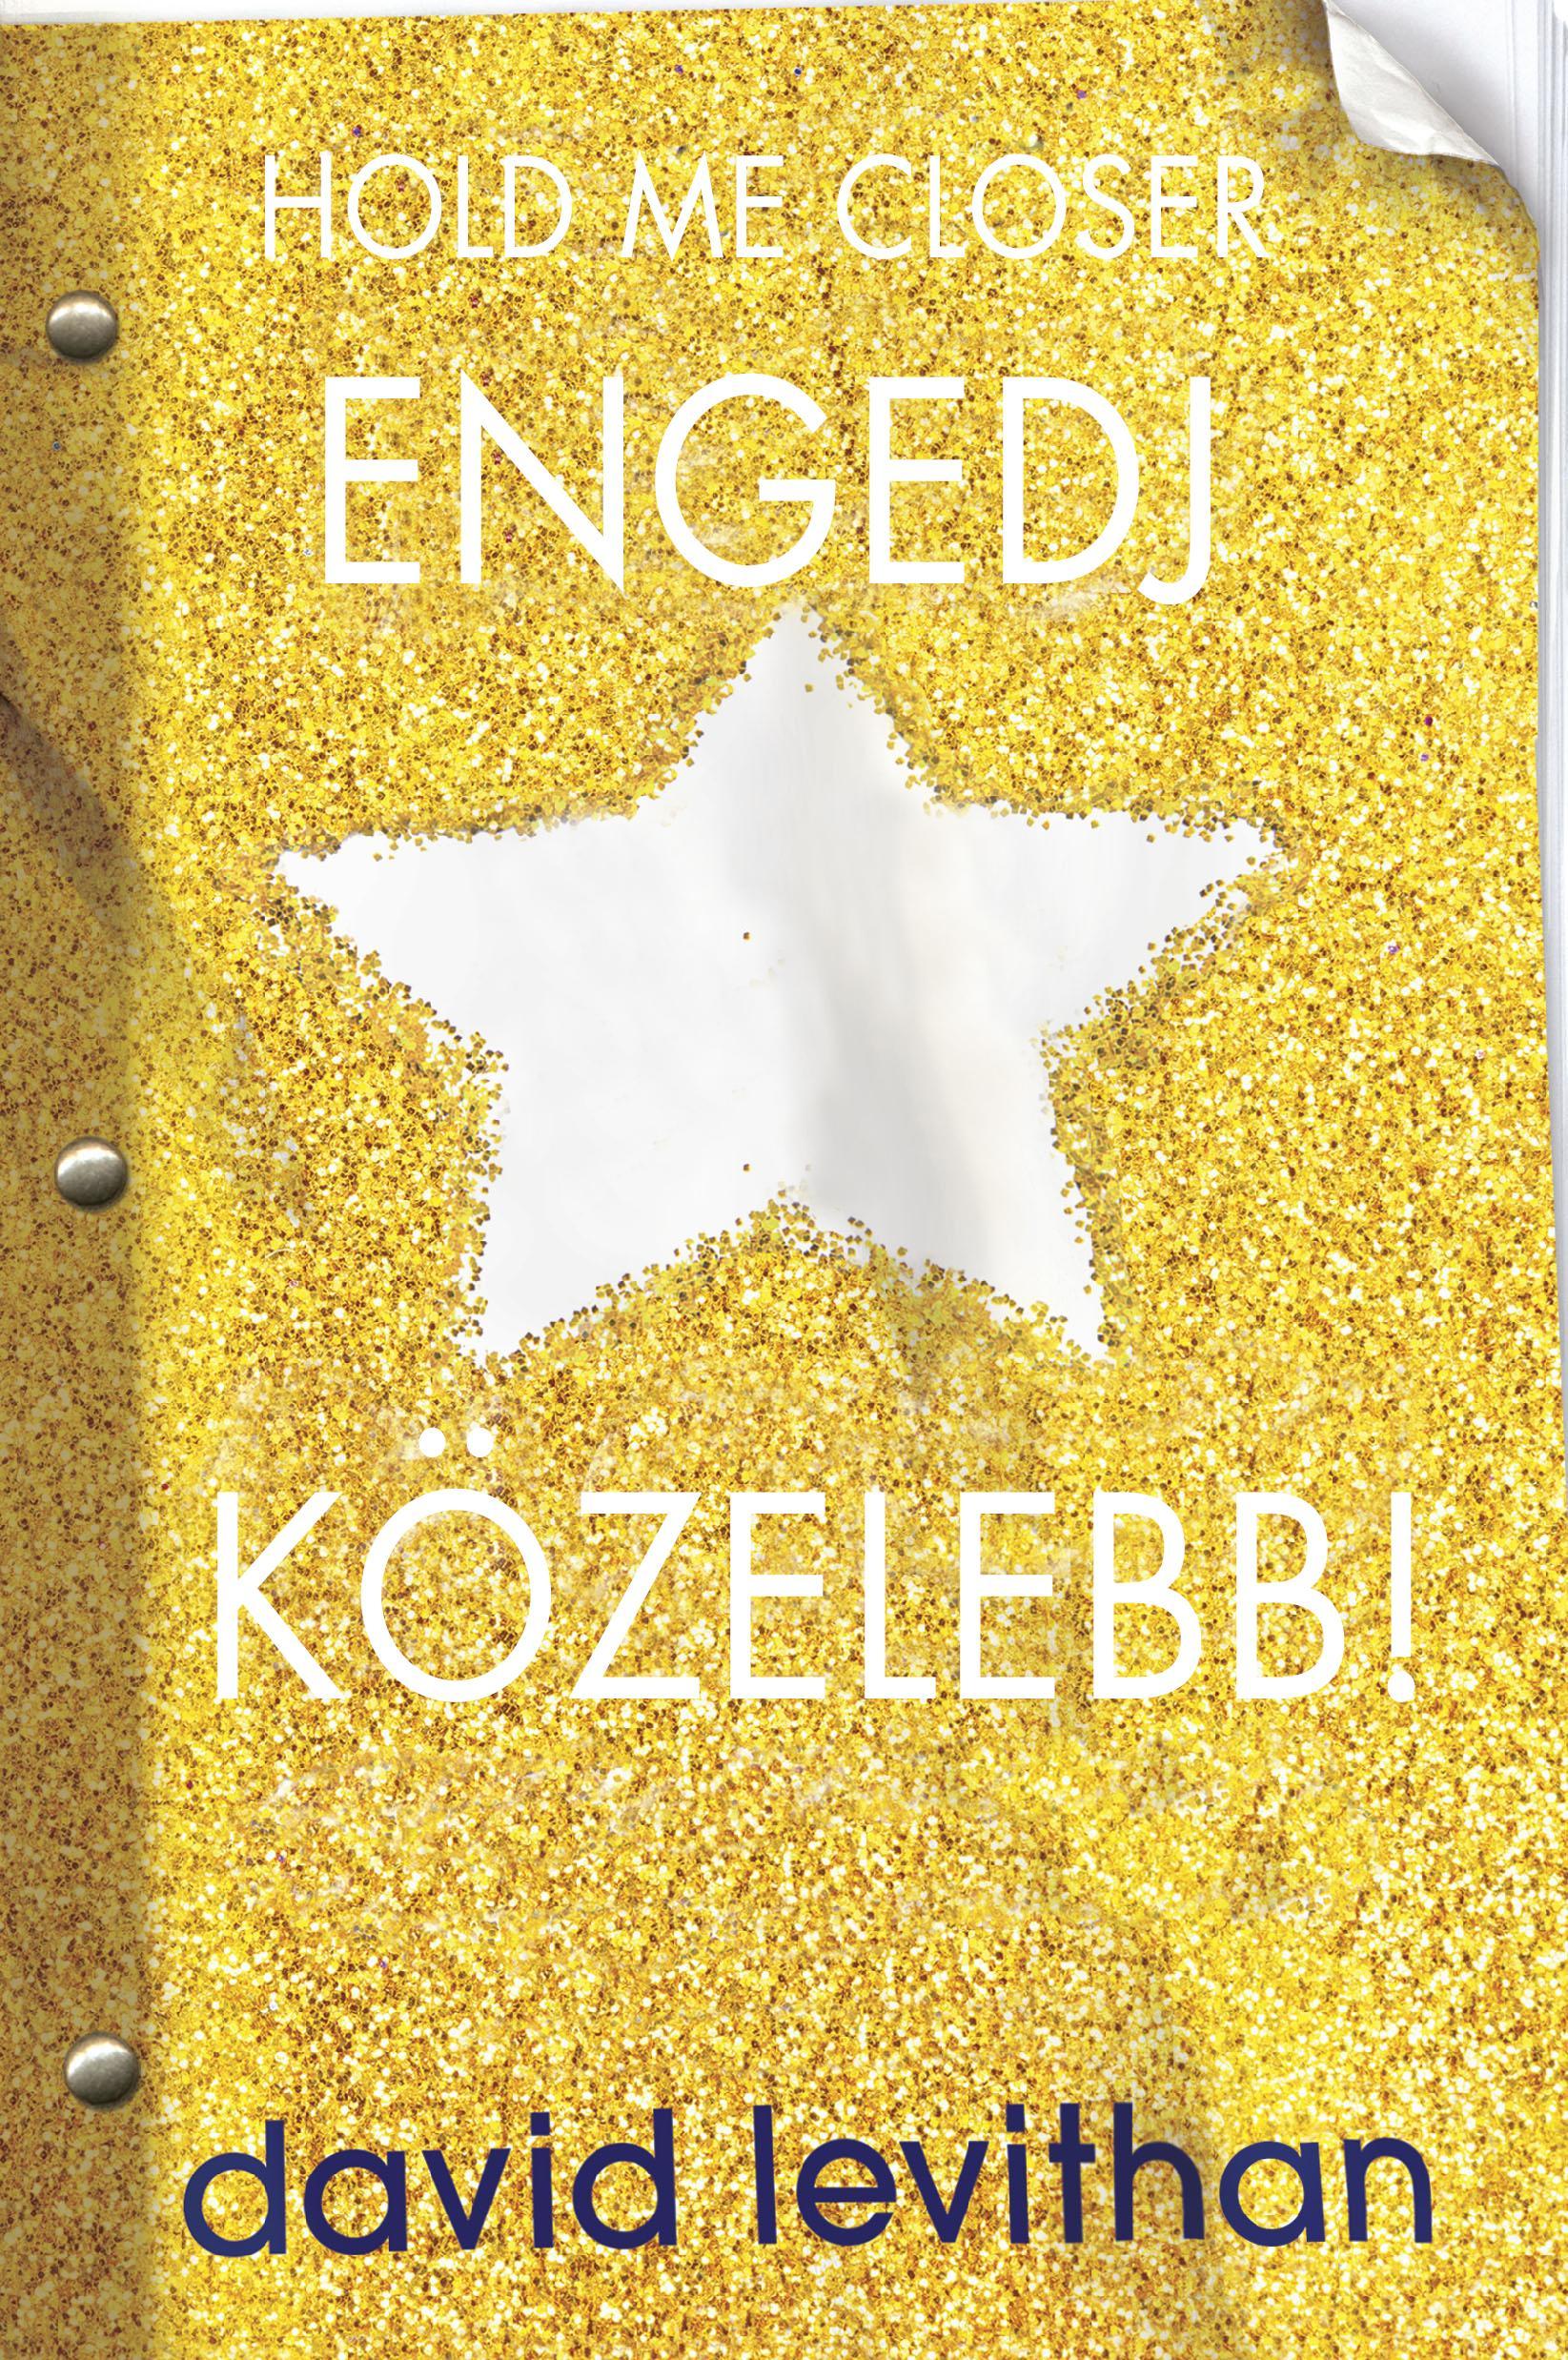 HOLD ME CLOSER - ENGEDJ KÖZELEBB! - FŰZÖTT